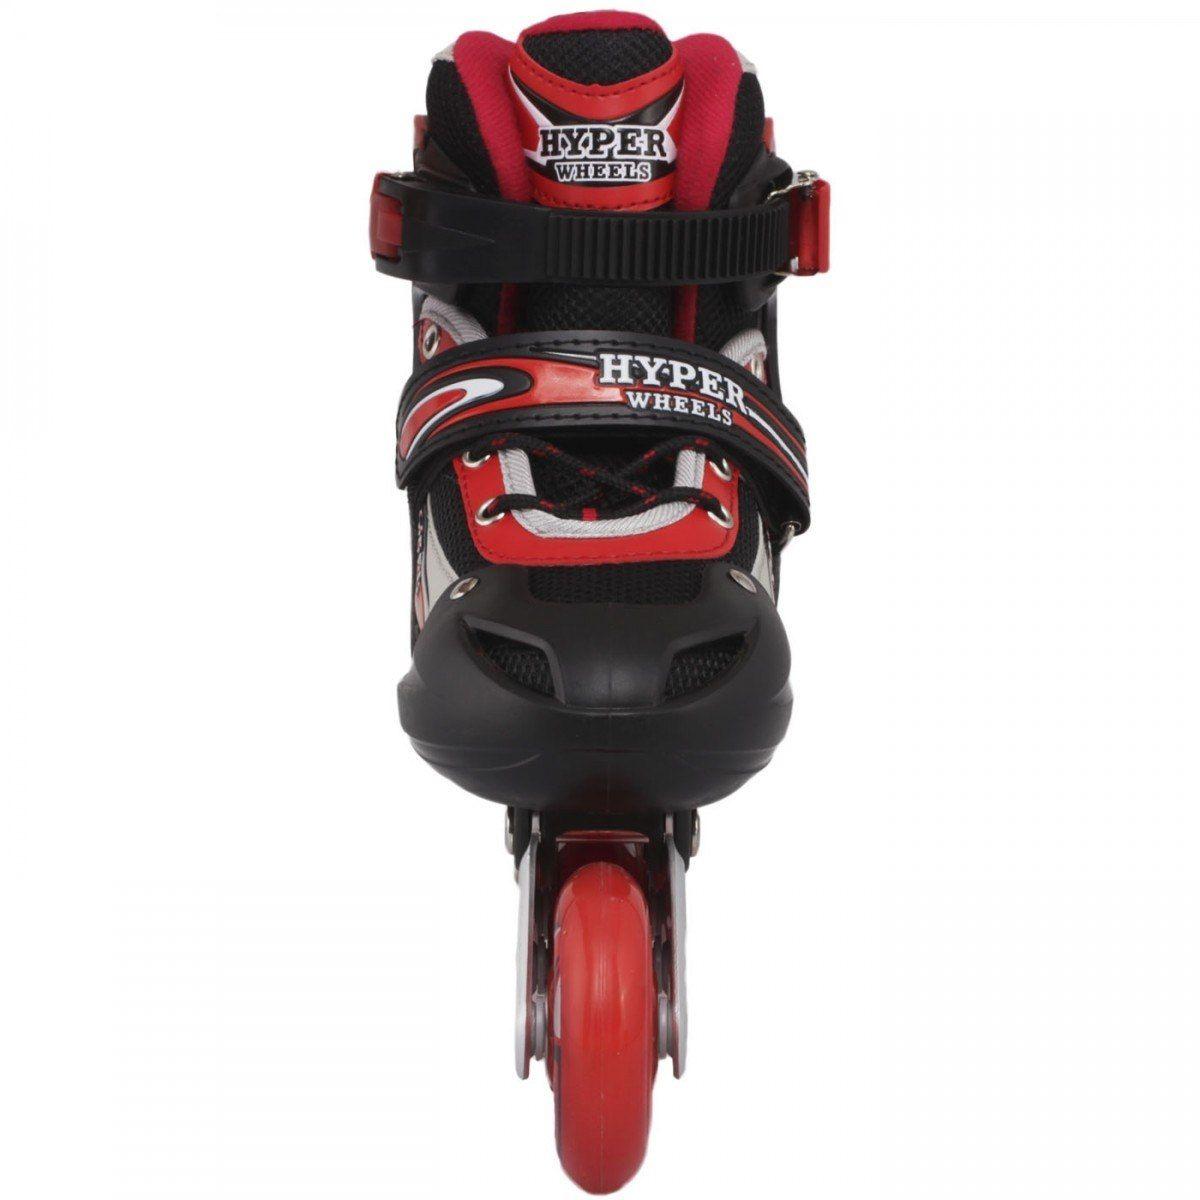 Roller Hyper Sports Regulável 72mm - Vermelho/Preto - 34 ao 37